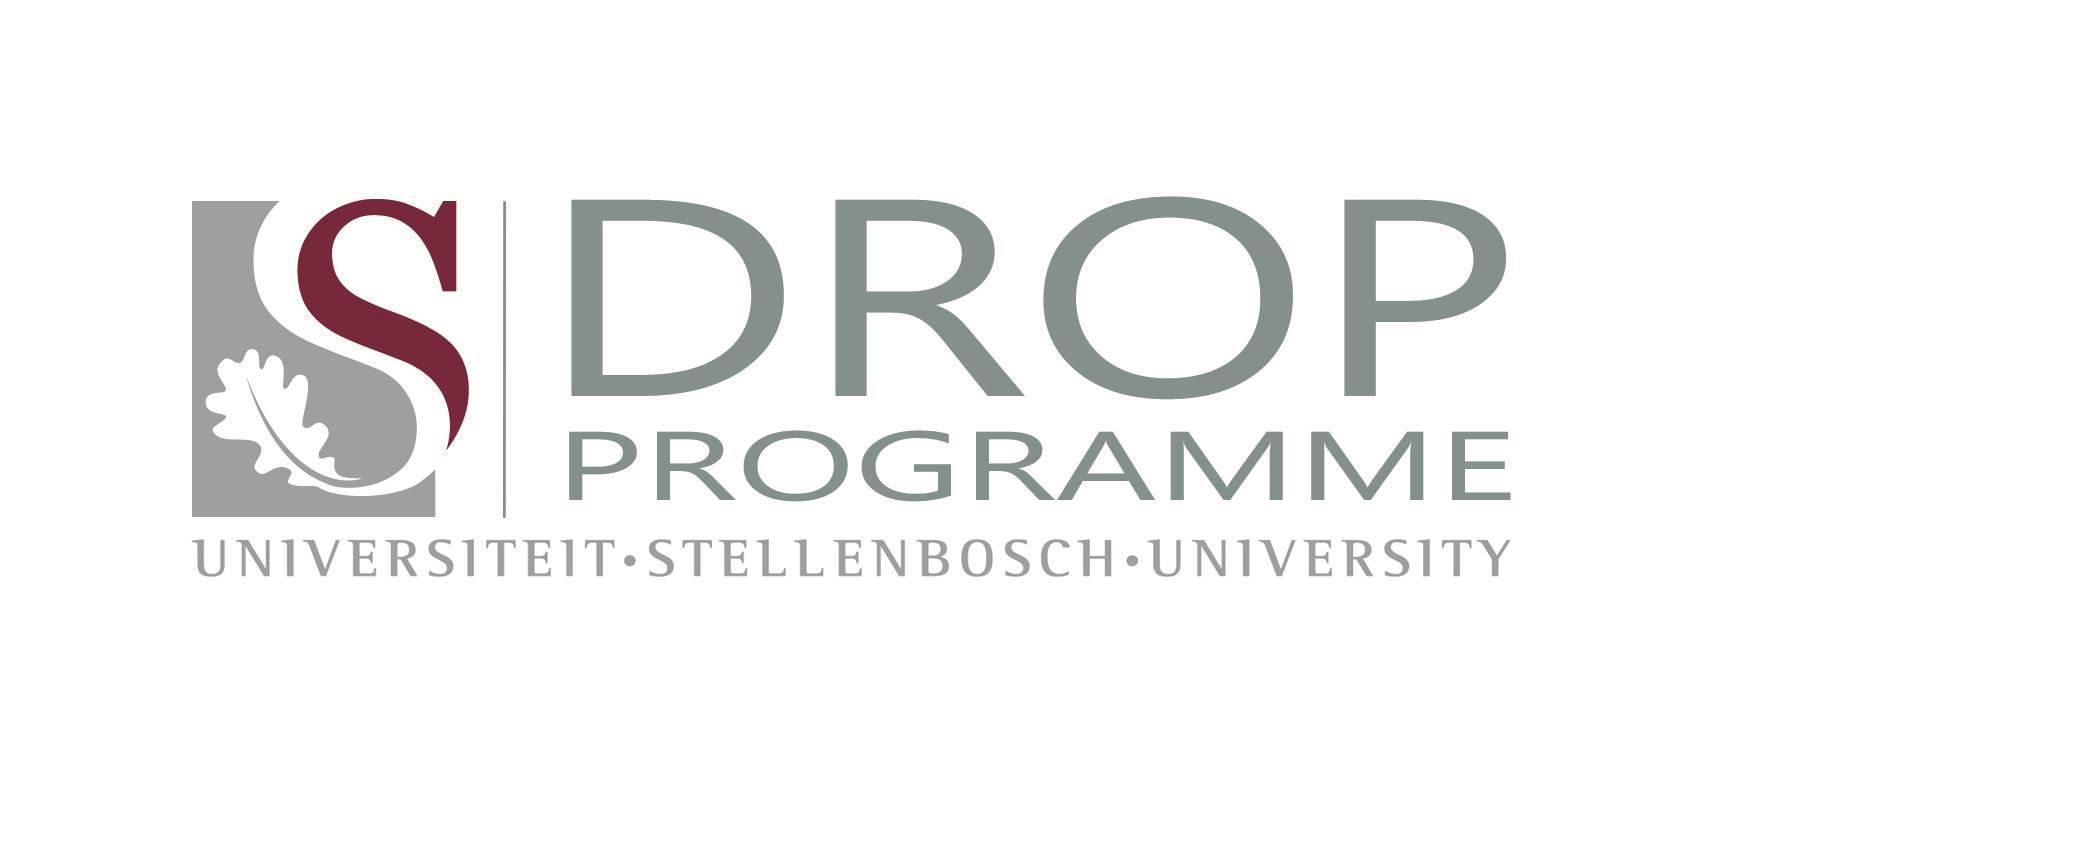 Stellenbosch university - South Africa)